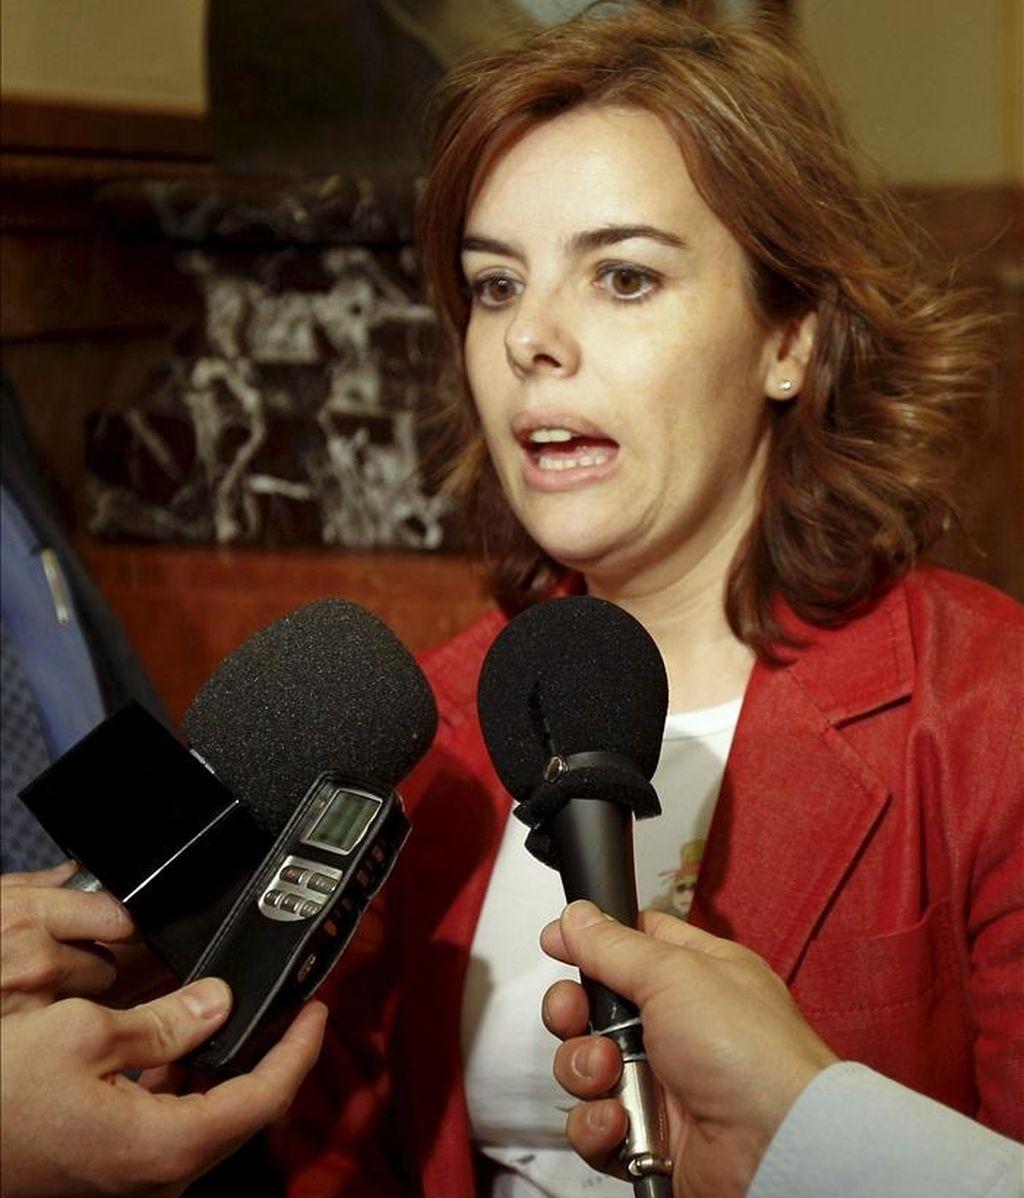 La portavoz parlamentaria del PP, Soraya Sáenz de Santamaría, durante las declaraciones que ha realizado a los medios de comunicación esta tarde en el Congreso de los Diputados. EFE